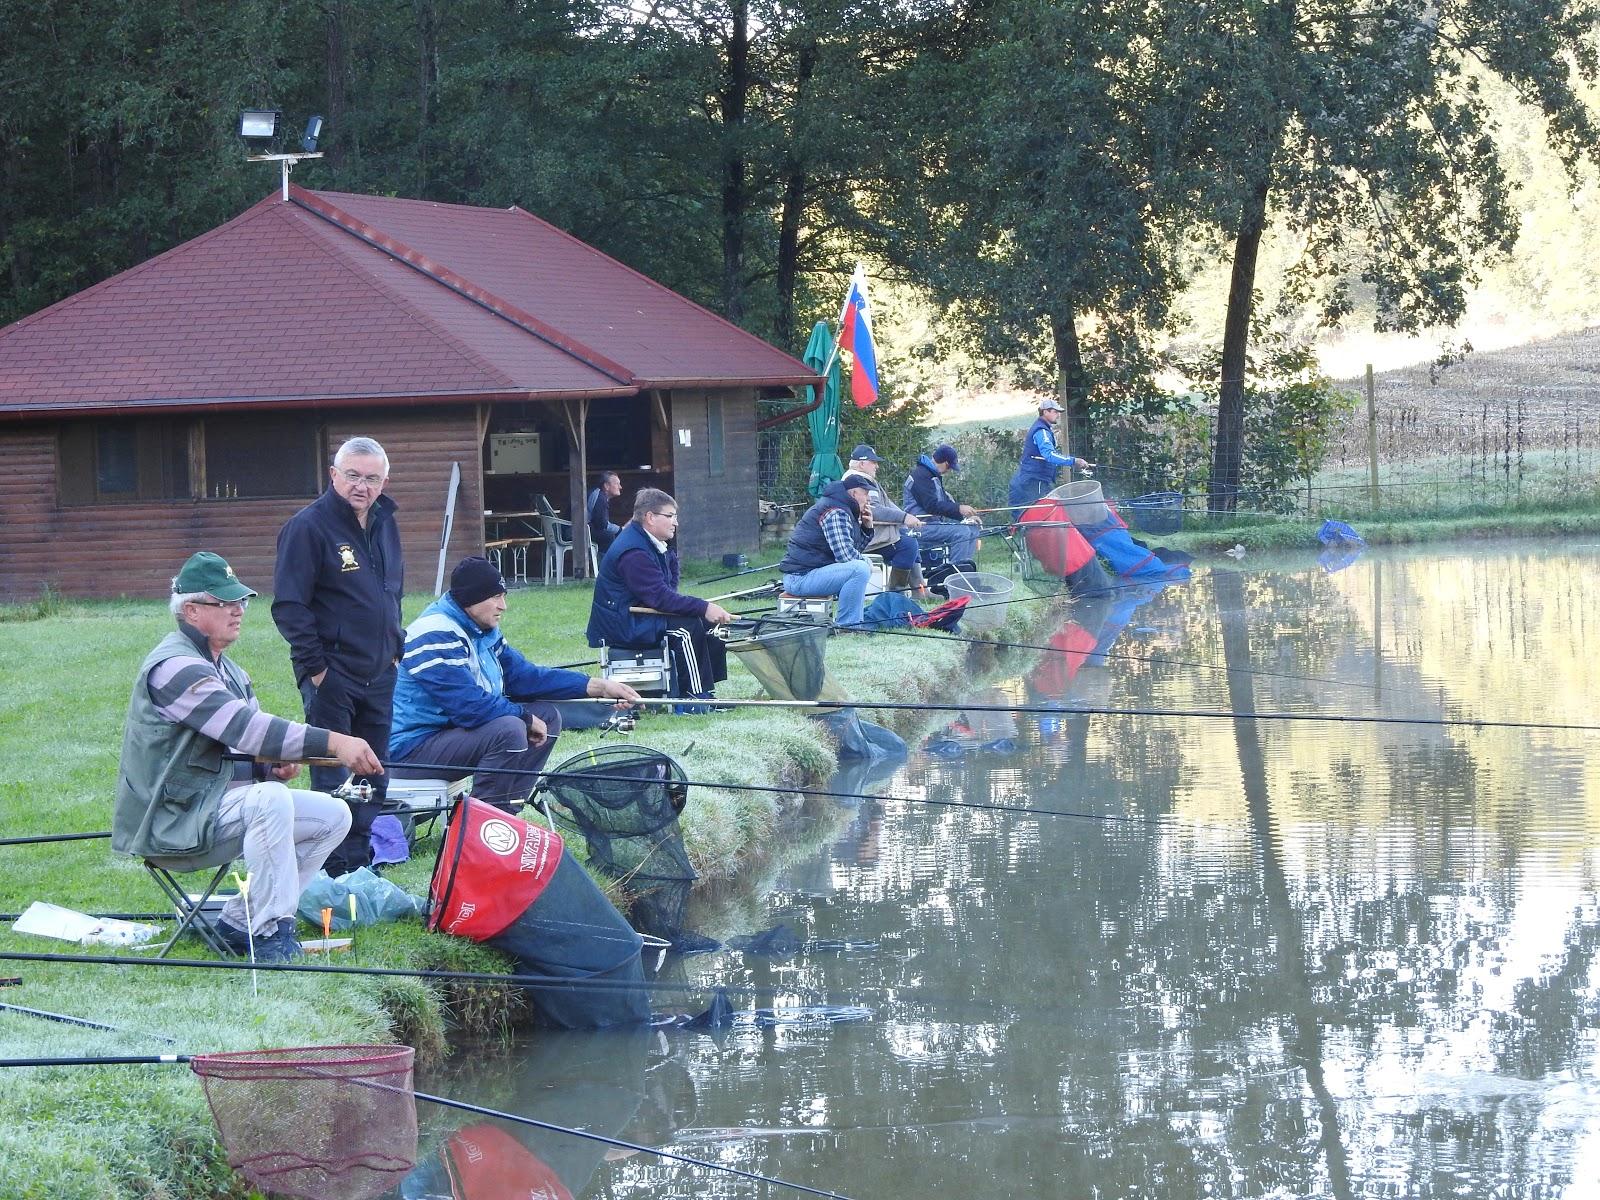 Ribiško tekmovanje OZVVS Gornja Radgona v Lastomercih, 7. oktobra 2017